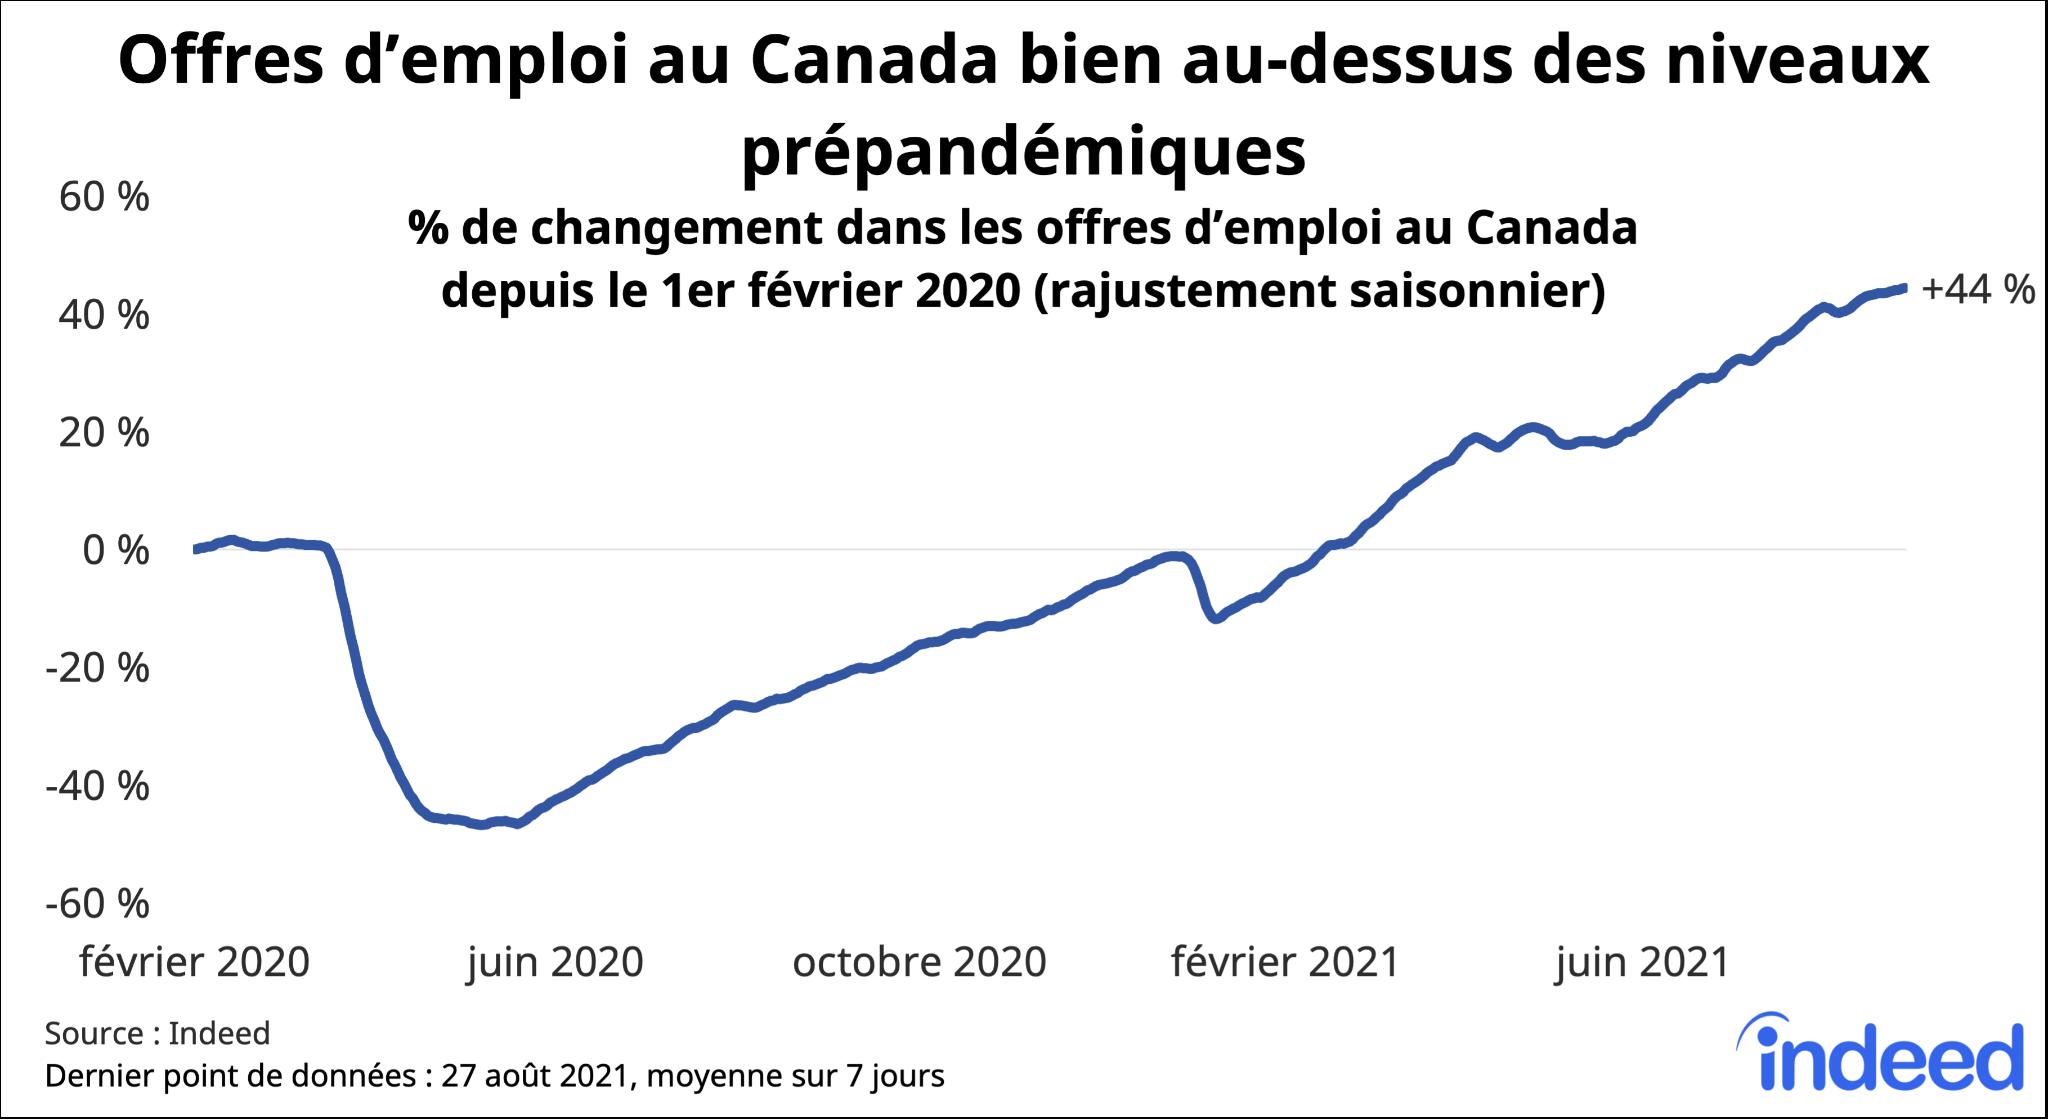 Graphique linéaire intitulé «Offres d'emploi au Canada bien au-dessus des niveaux prépandémiques.»